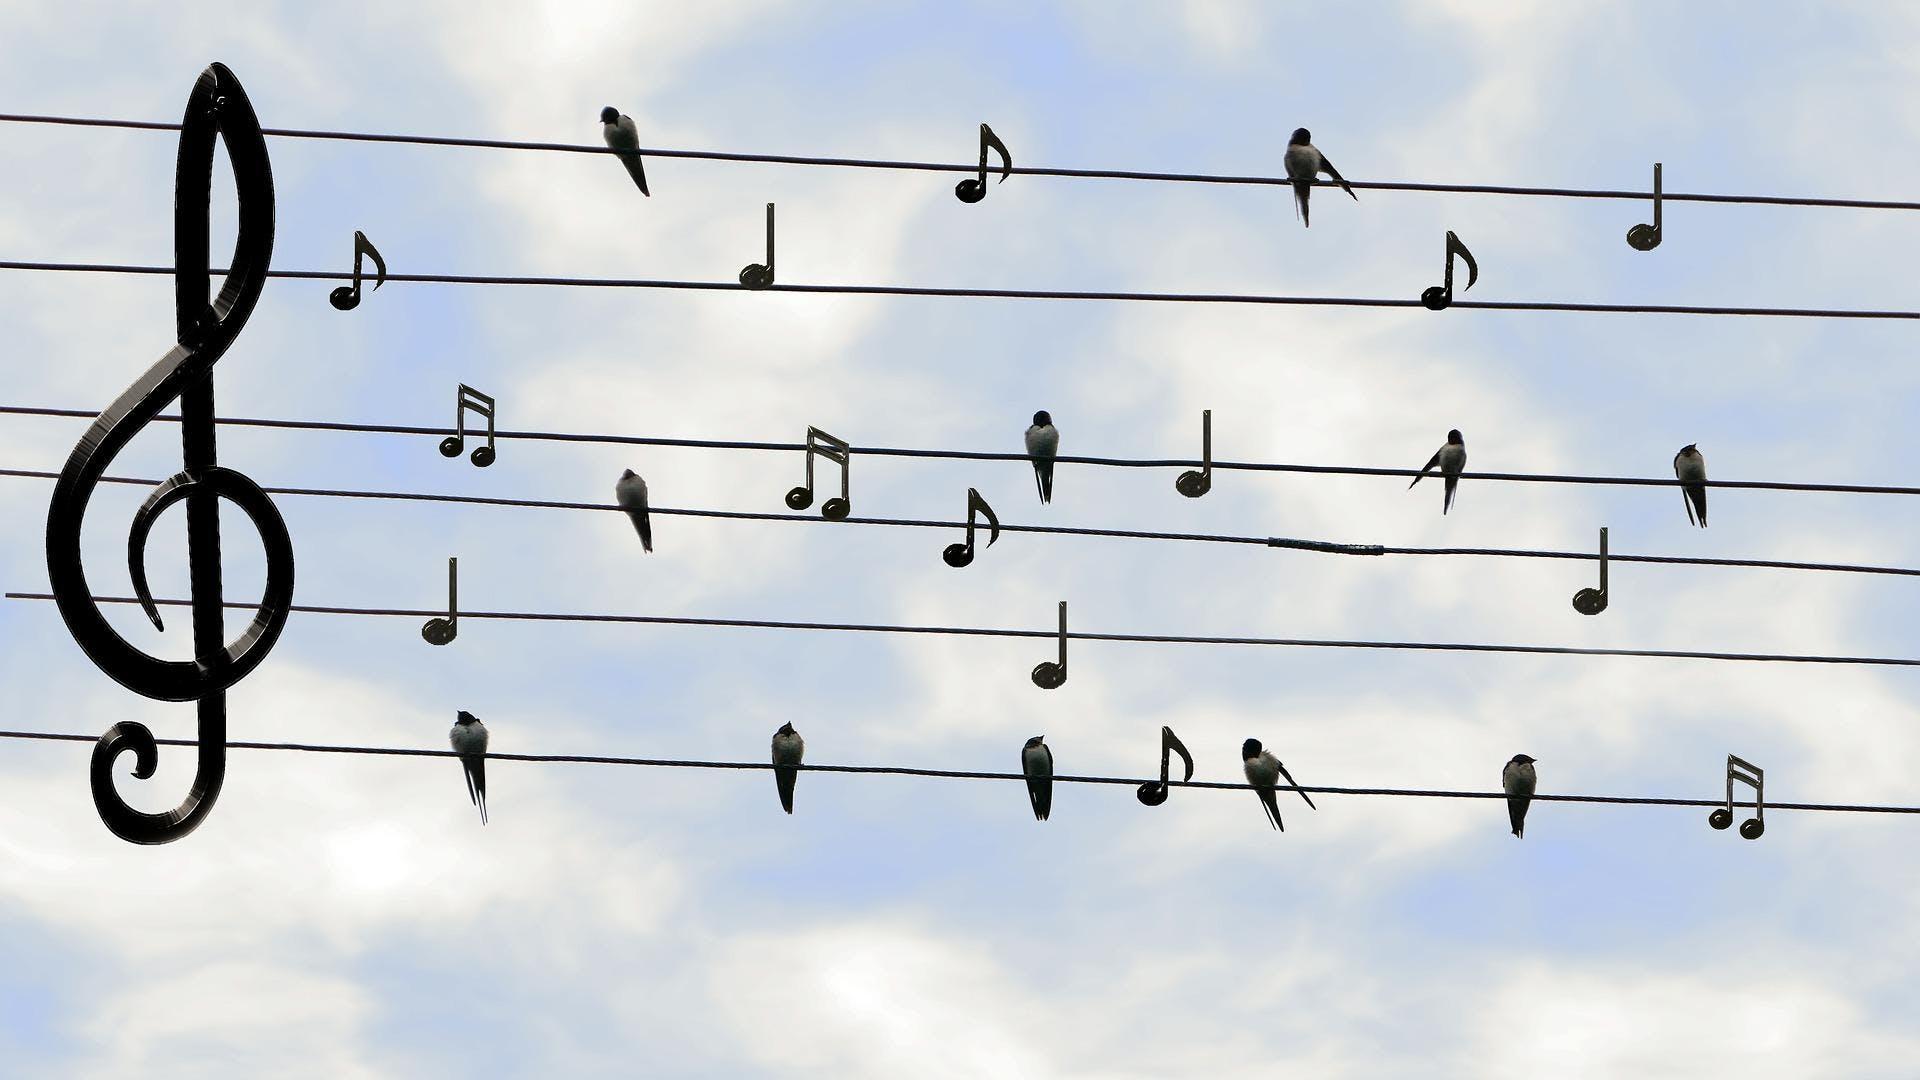 La voix, outil indispensable à l'enseignant (